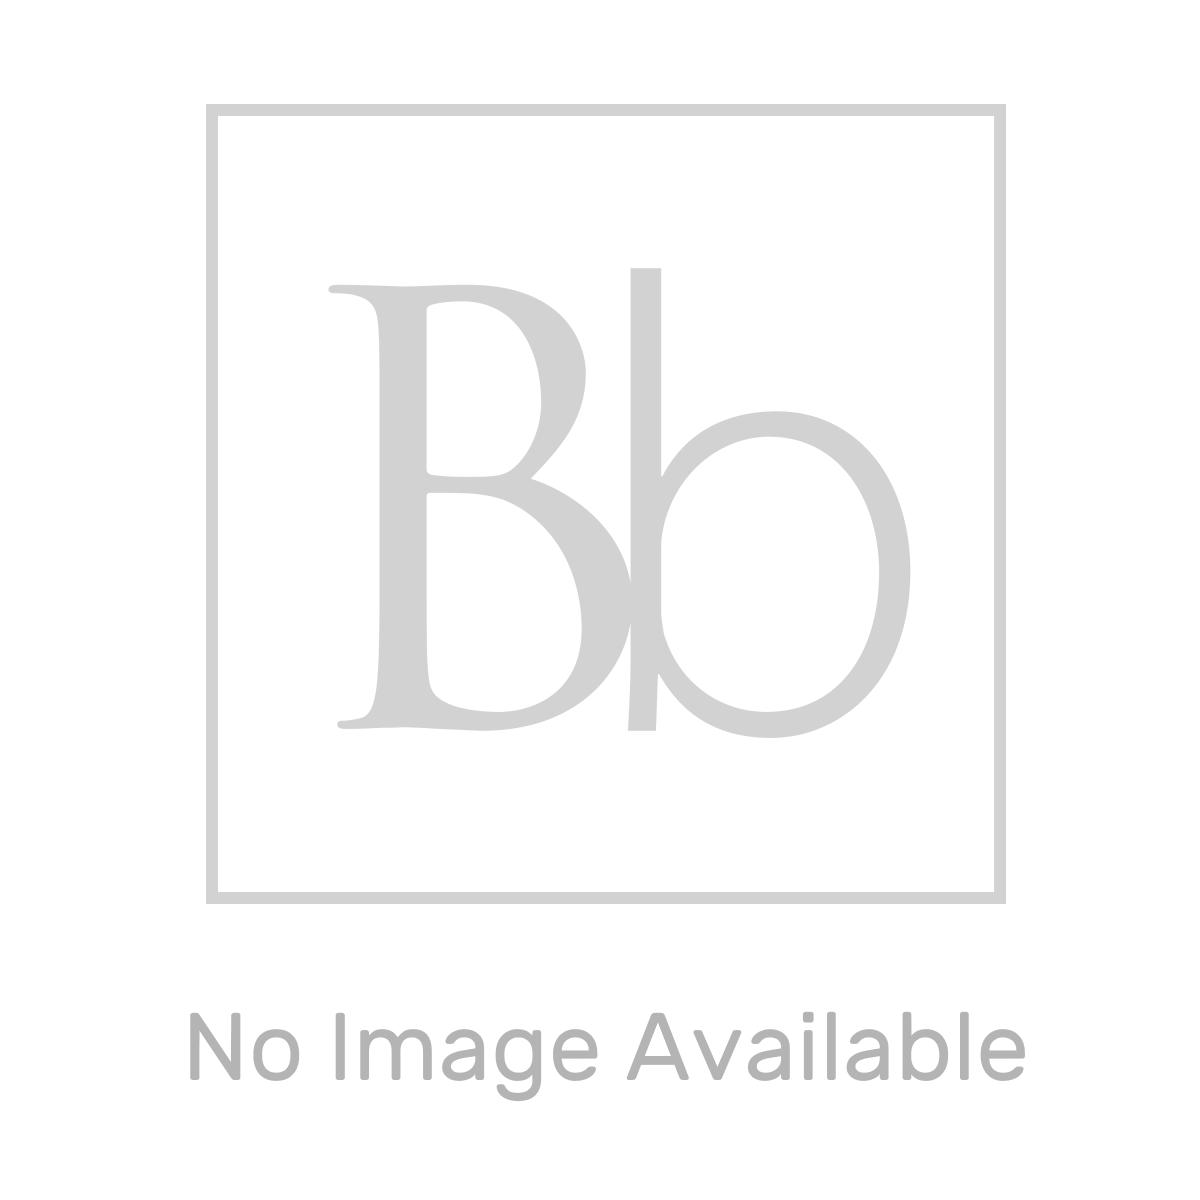 Aquadart Aqualavo Black Slate Shower Tray 1100 x 800